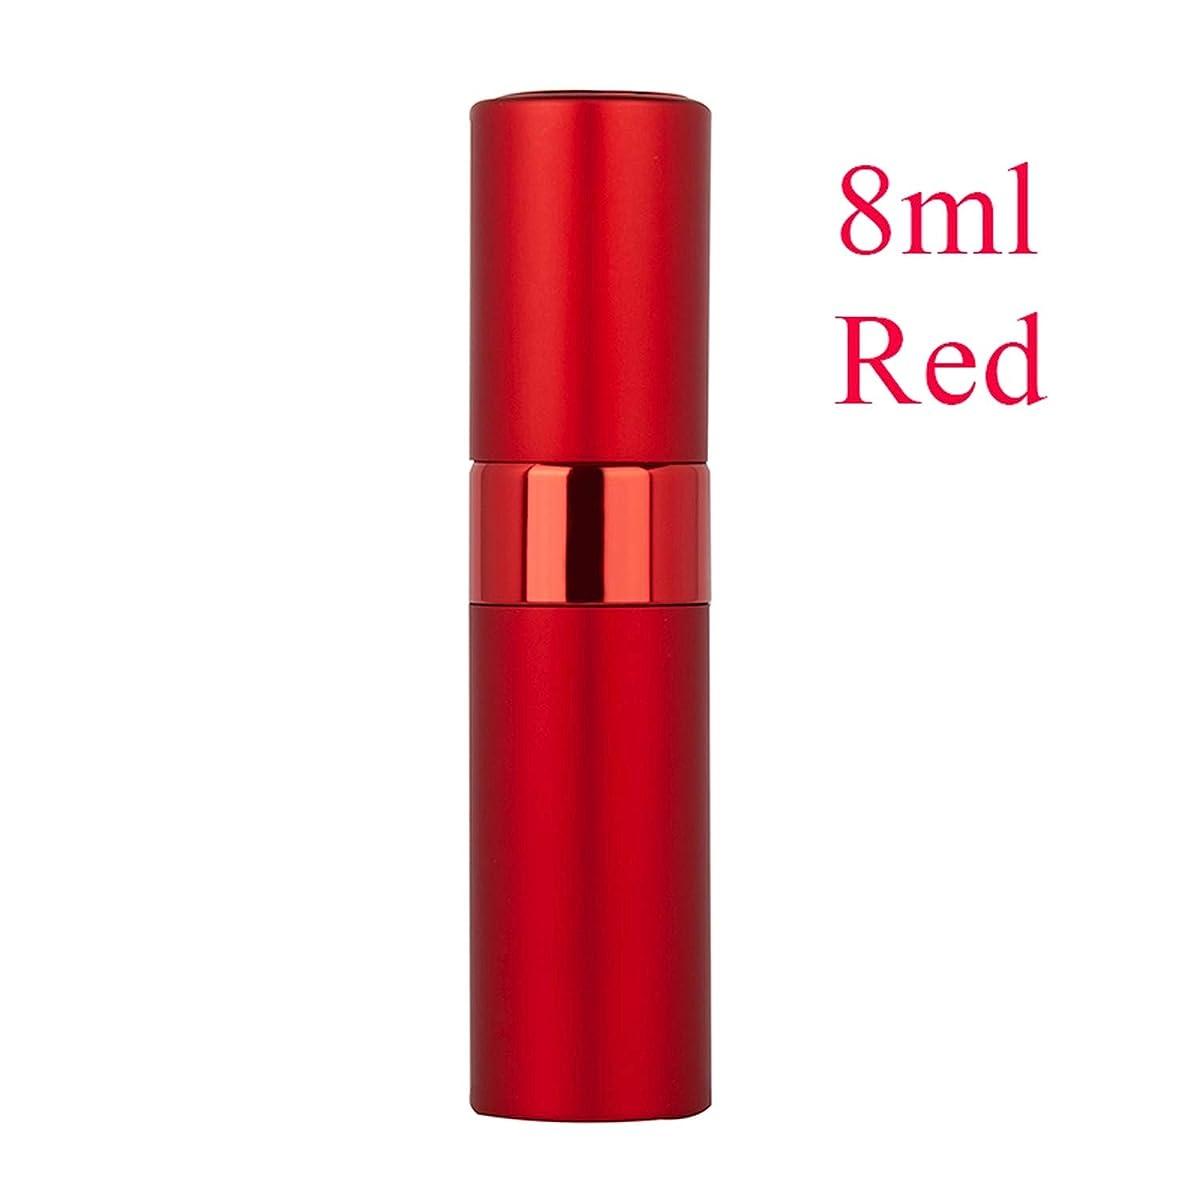 クライアント並外れてダンプ旅行、8MLレッドノーロゴのために香りポンプ空の化粧品容器スプレーアトマイザーボトルで5ミリリットル8ミリリットル20mlのポータブルミニ詰め替え香水瓶